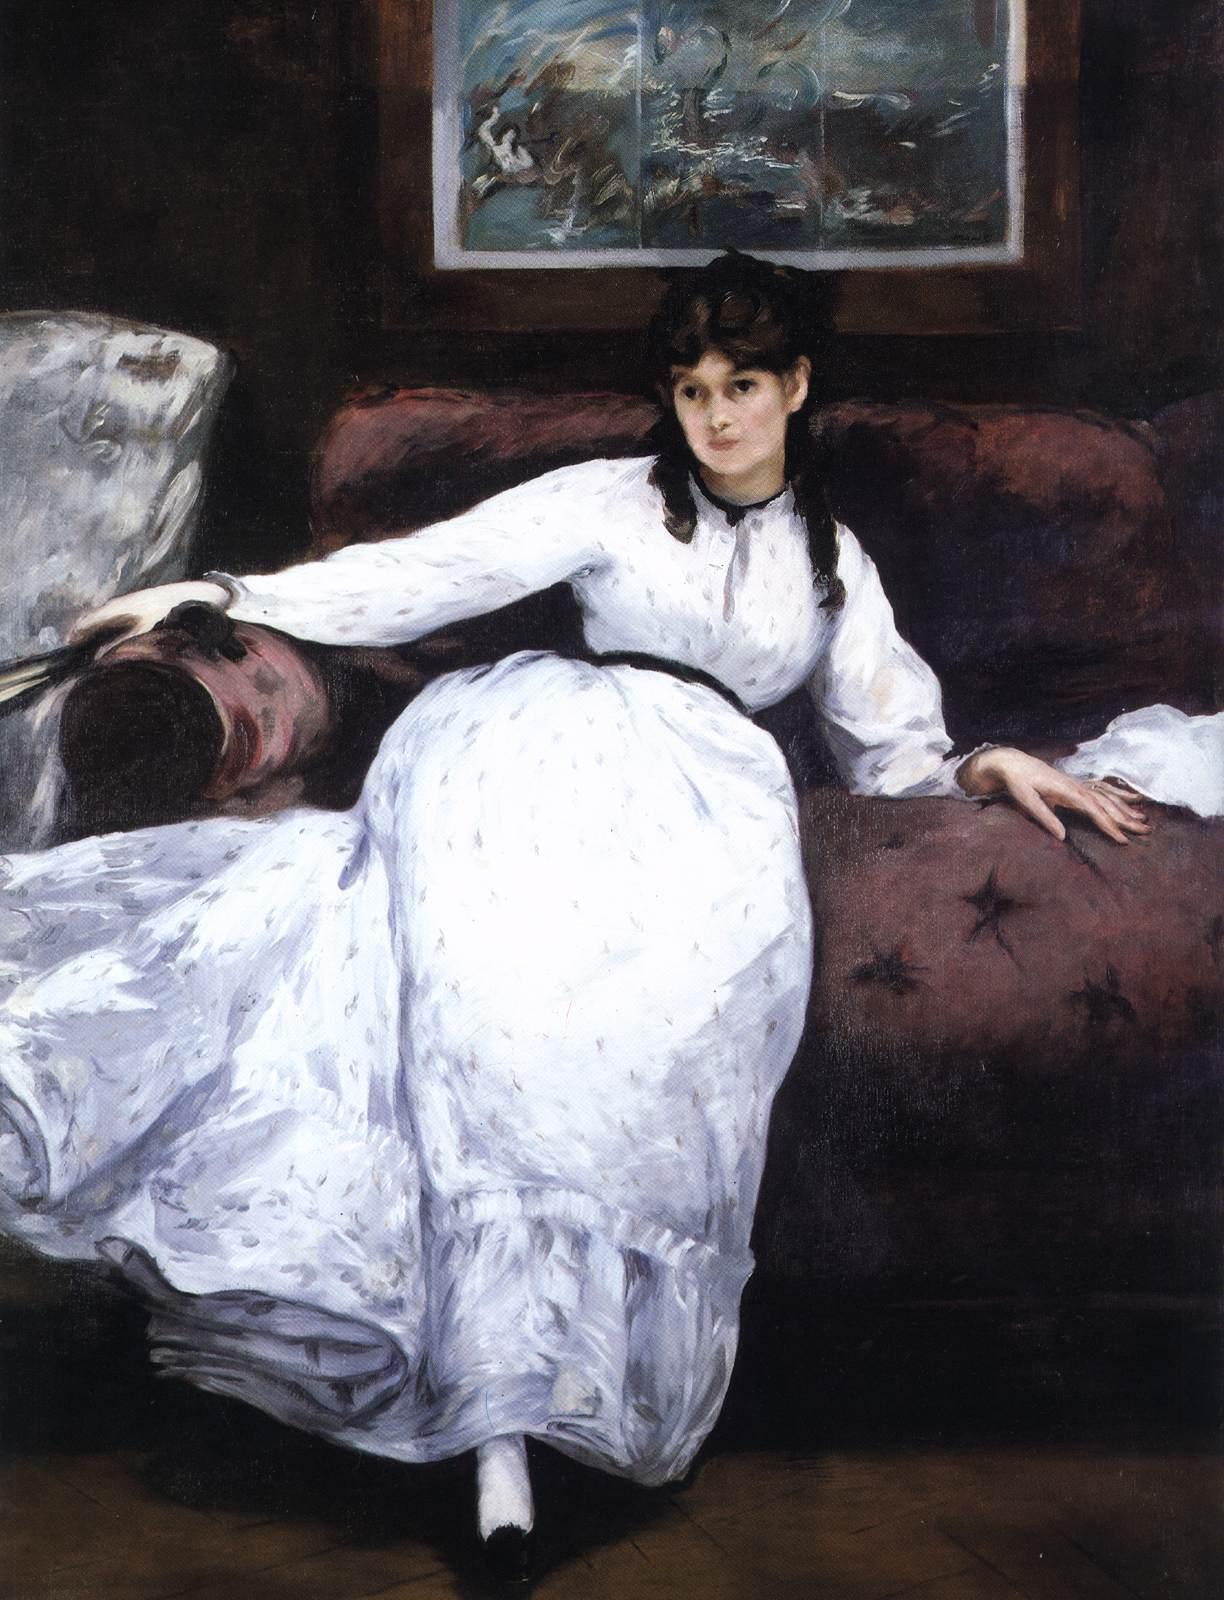 Édouard Manet, The Repose, 1870